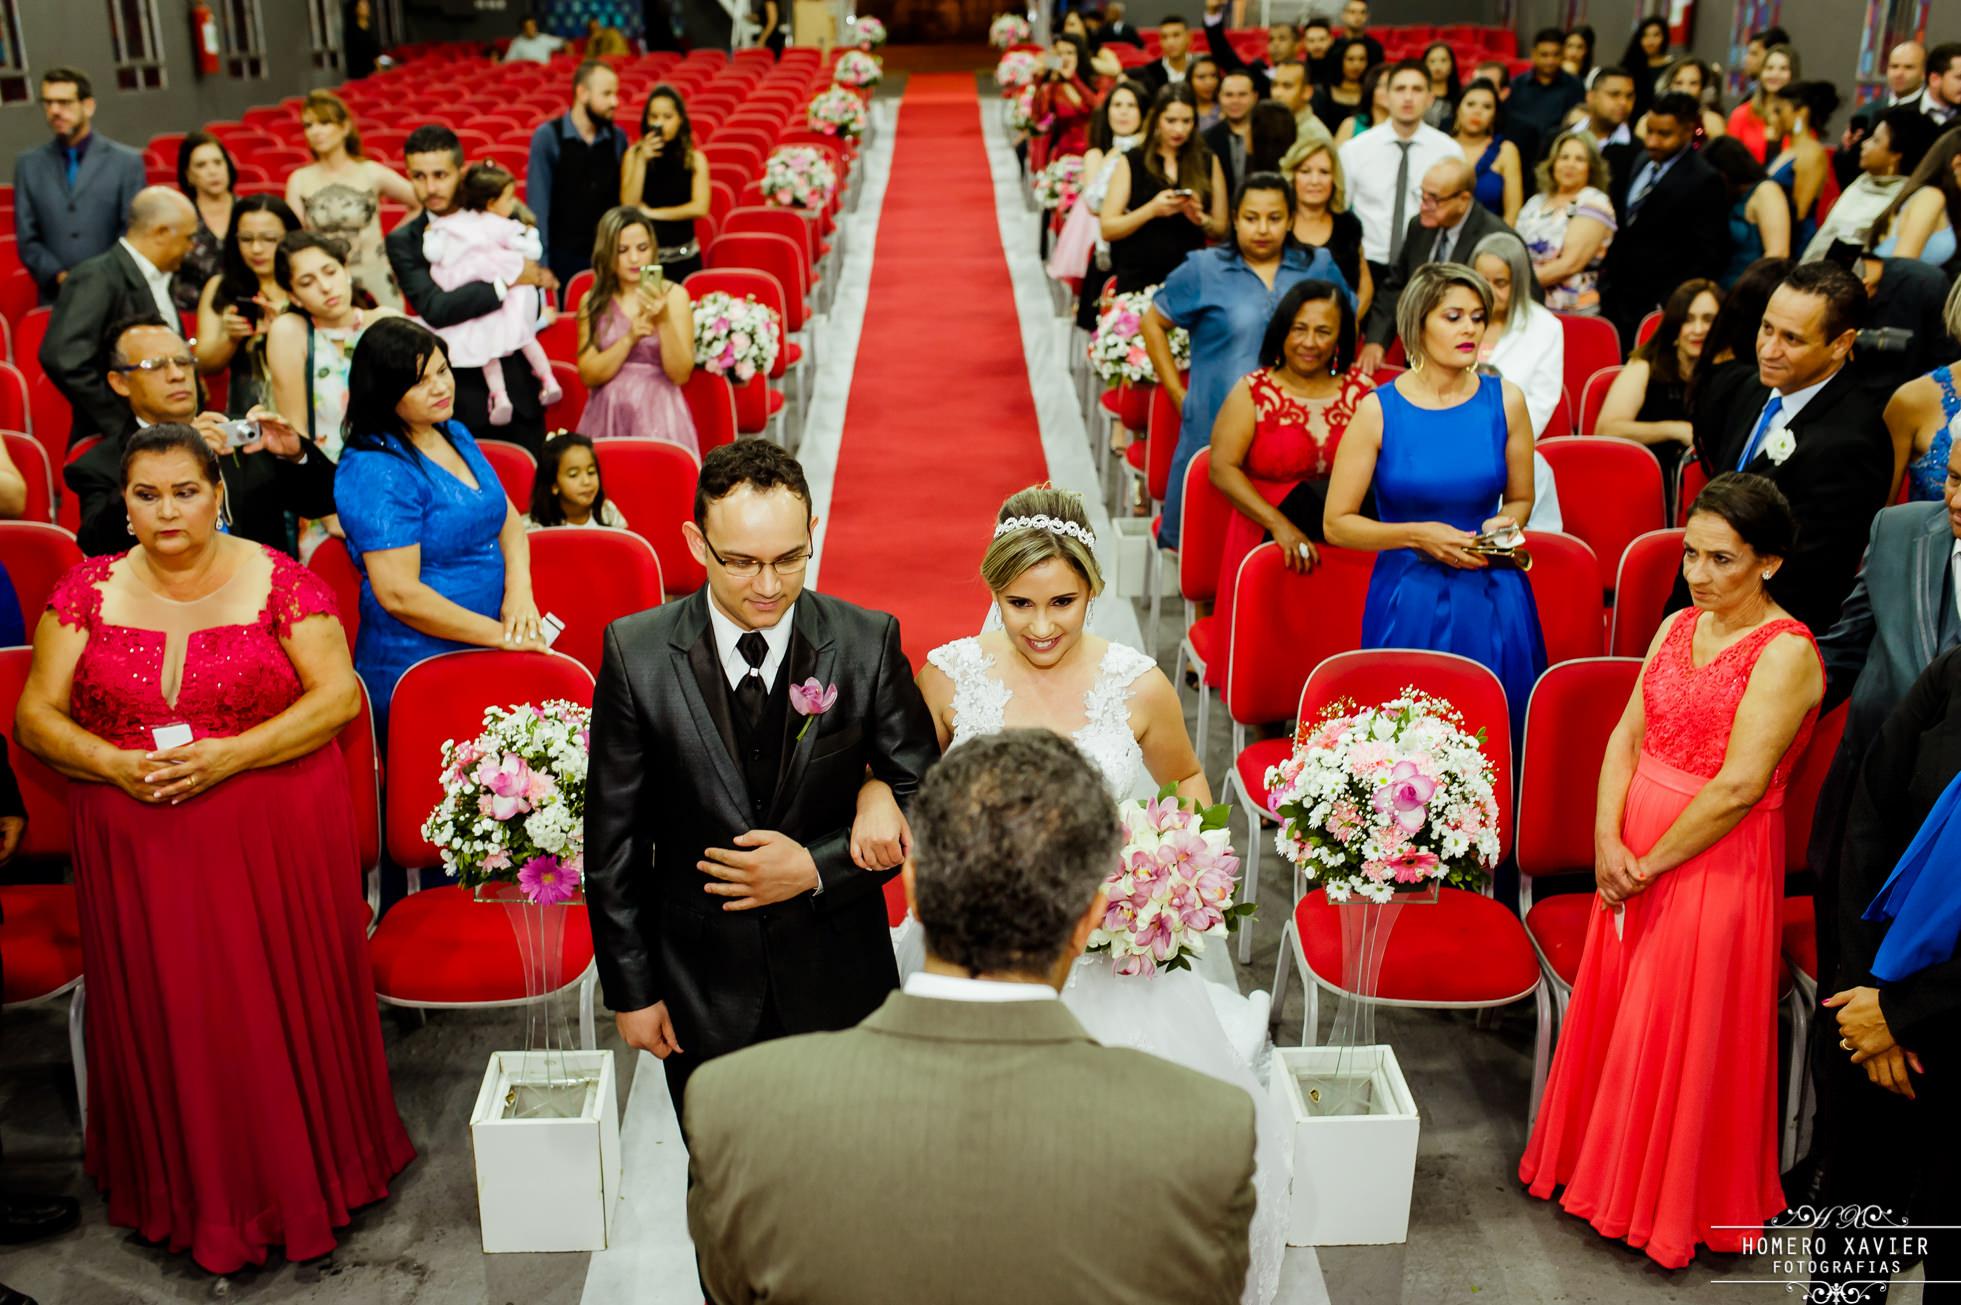 Book pos casamento em bh, casando em bh, casamento em bh, sessão pos casamento em bh, sessão externa em bh, noivas de minas, fotografo de casamento bh, fotografo bh, noivas de mg, bh casamentos, vestida de branco, casamento do ano, virei noiva